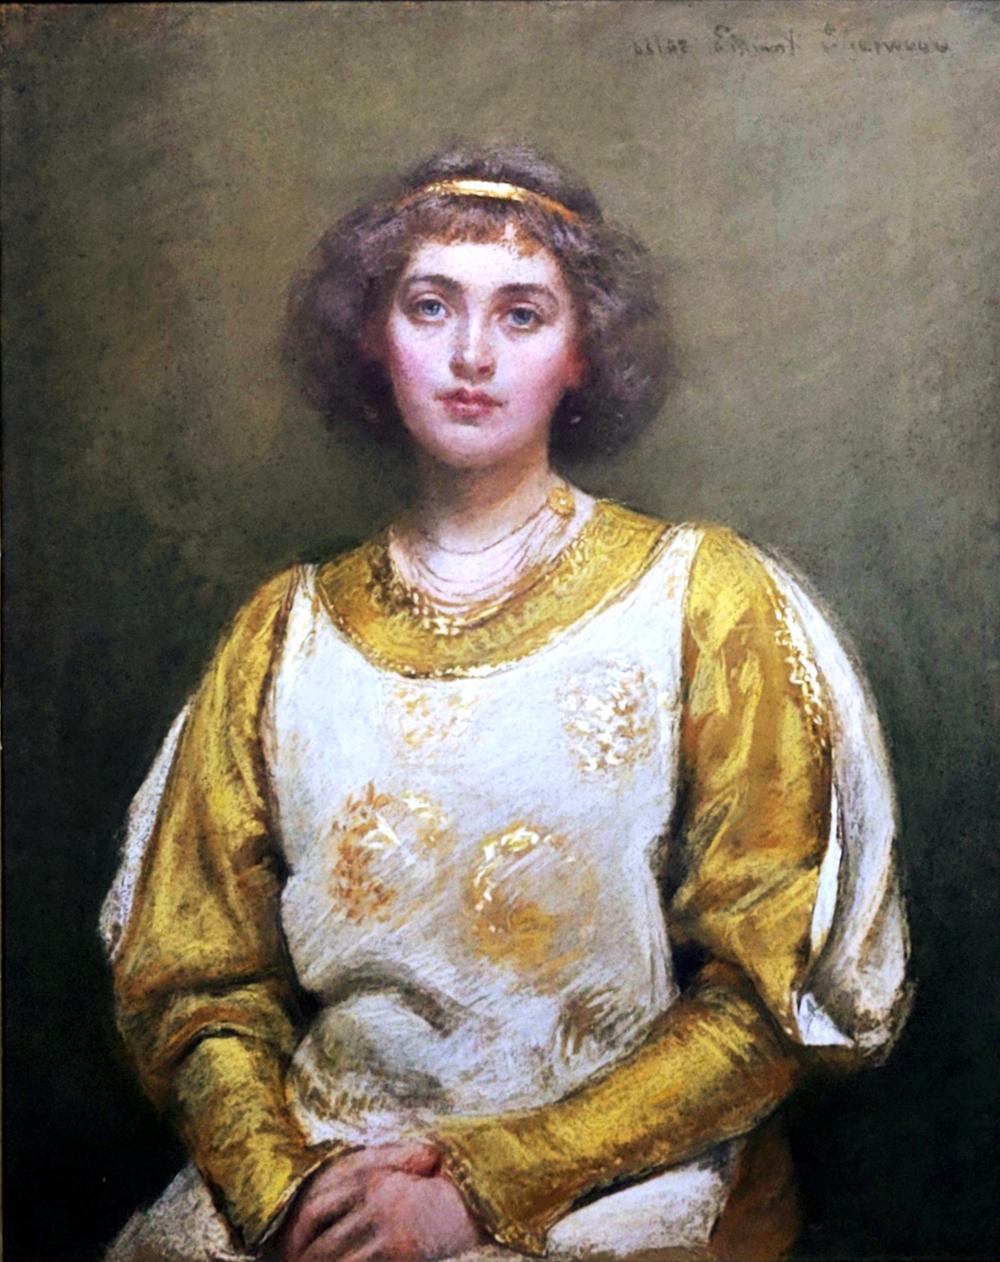 Rosina Emmet Sherwood: Young Lady, 1910s, Pastel